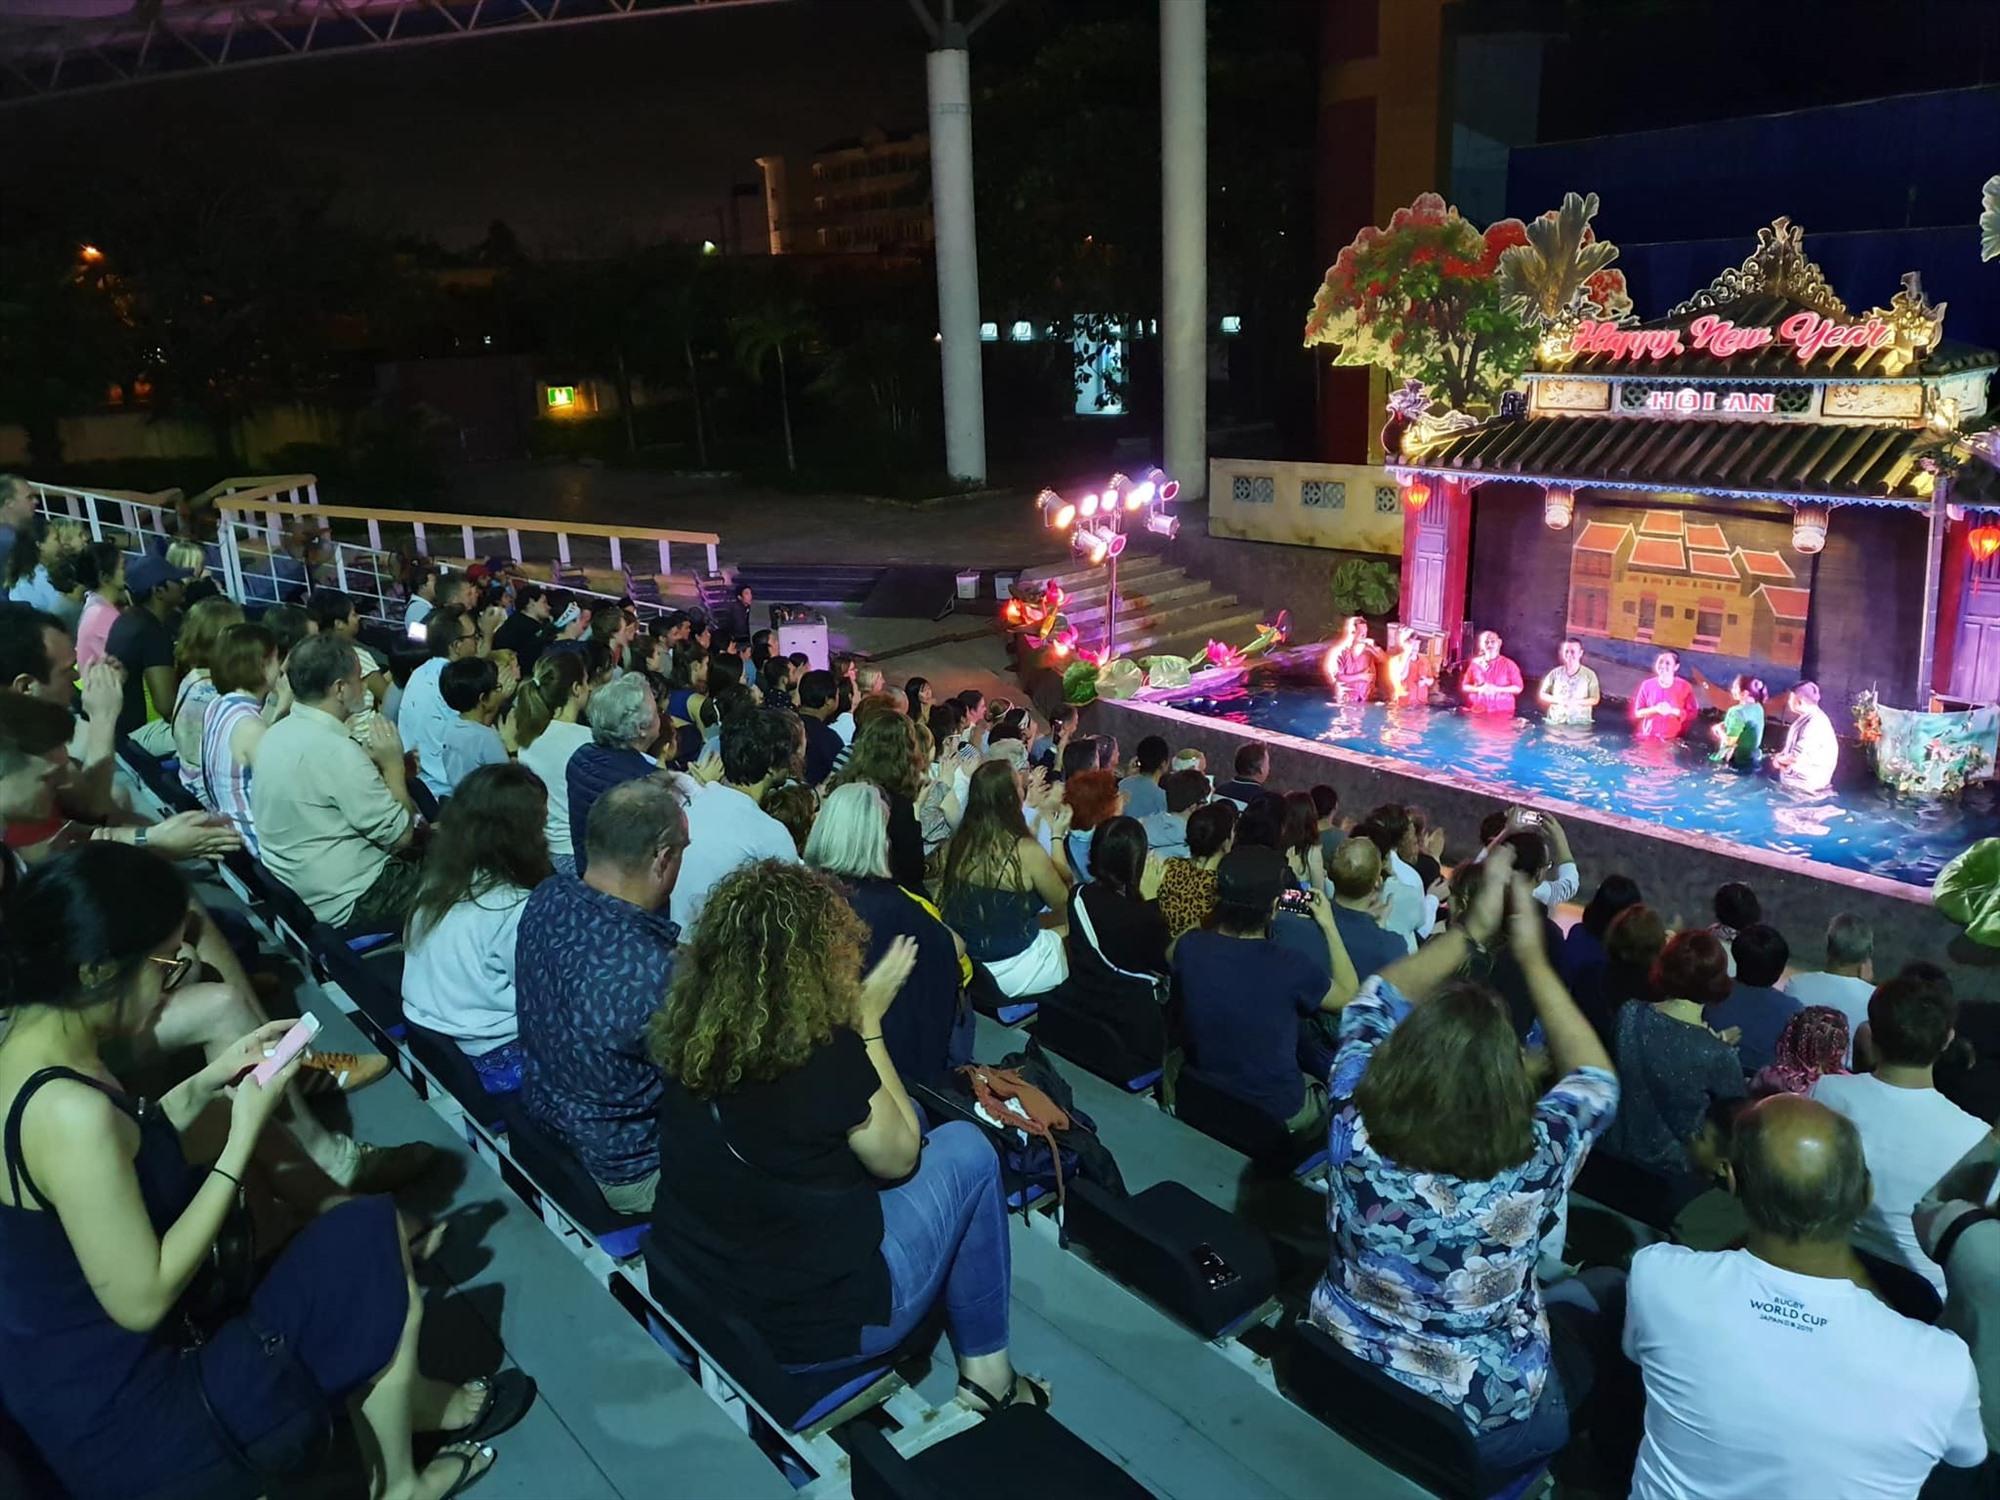 Múa rối nước cổ truyền tại Hội An. Ảnh: TTVH H.A